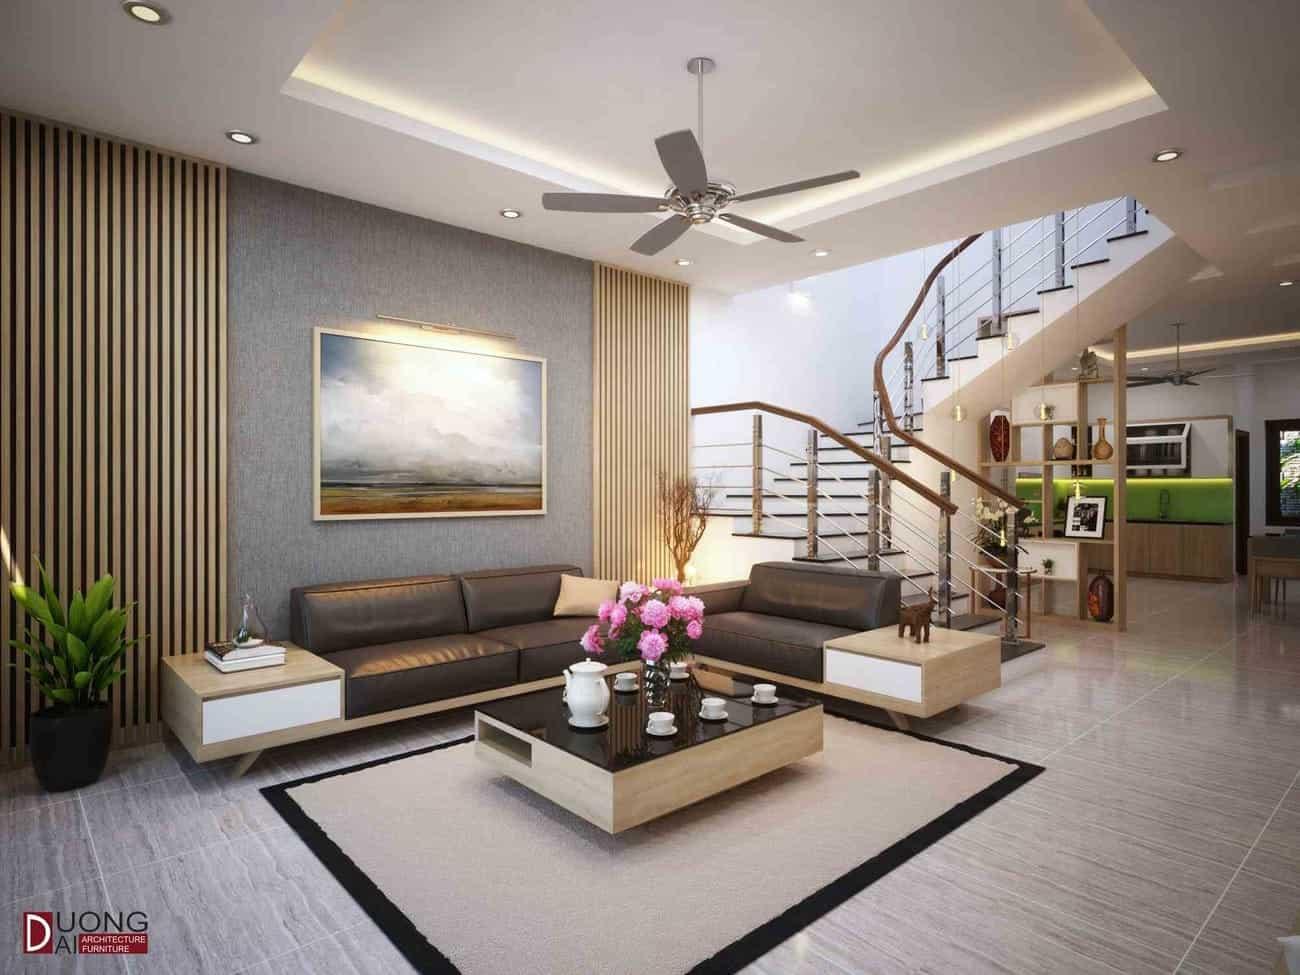 Thiết kế nội thất nhà phố tại Hà Nam - Chị Hoa (Phủ Lý)